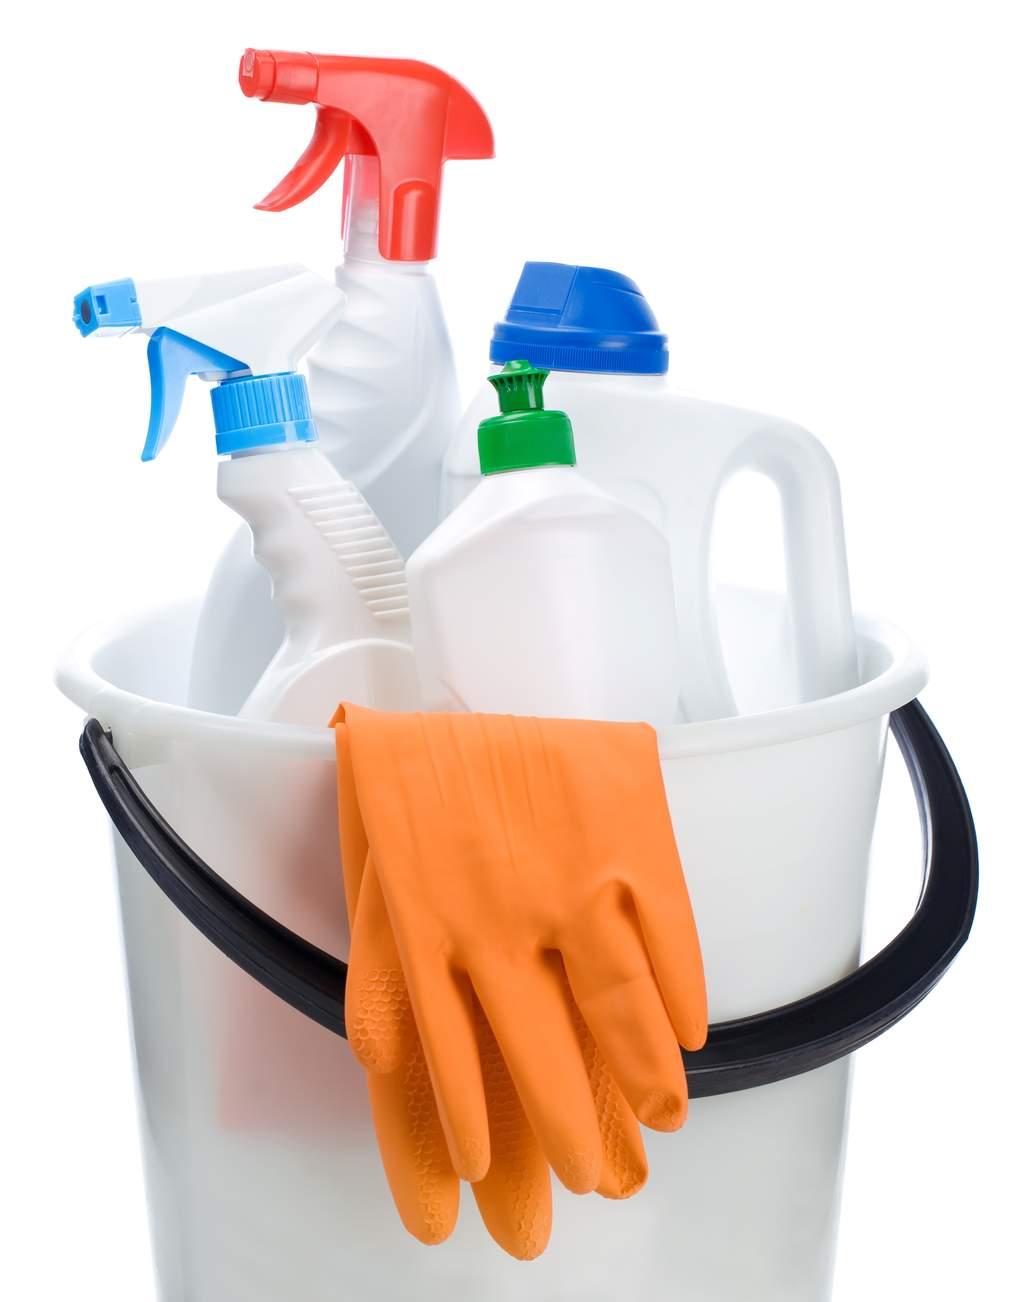 Limpieza profunda doctor en casa - Limpieza profunda casa ...